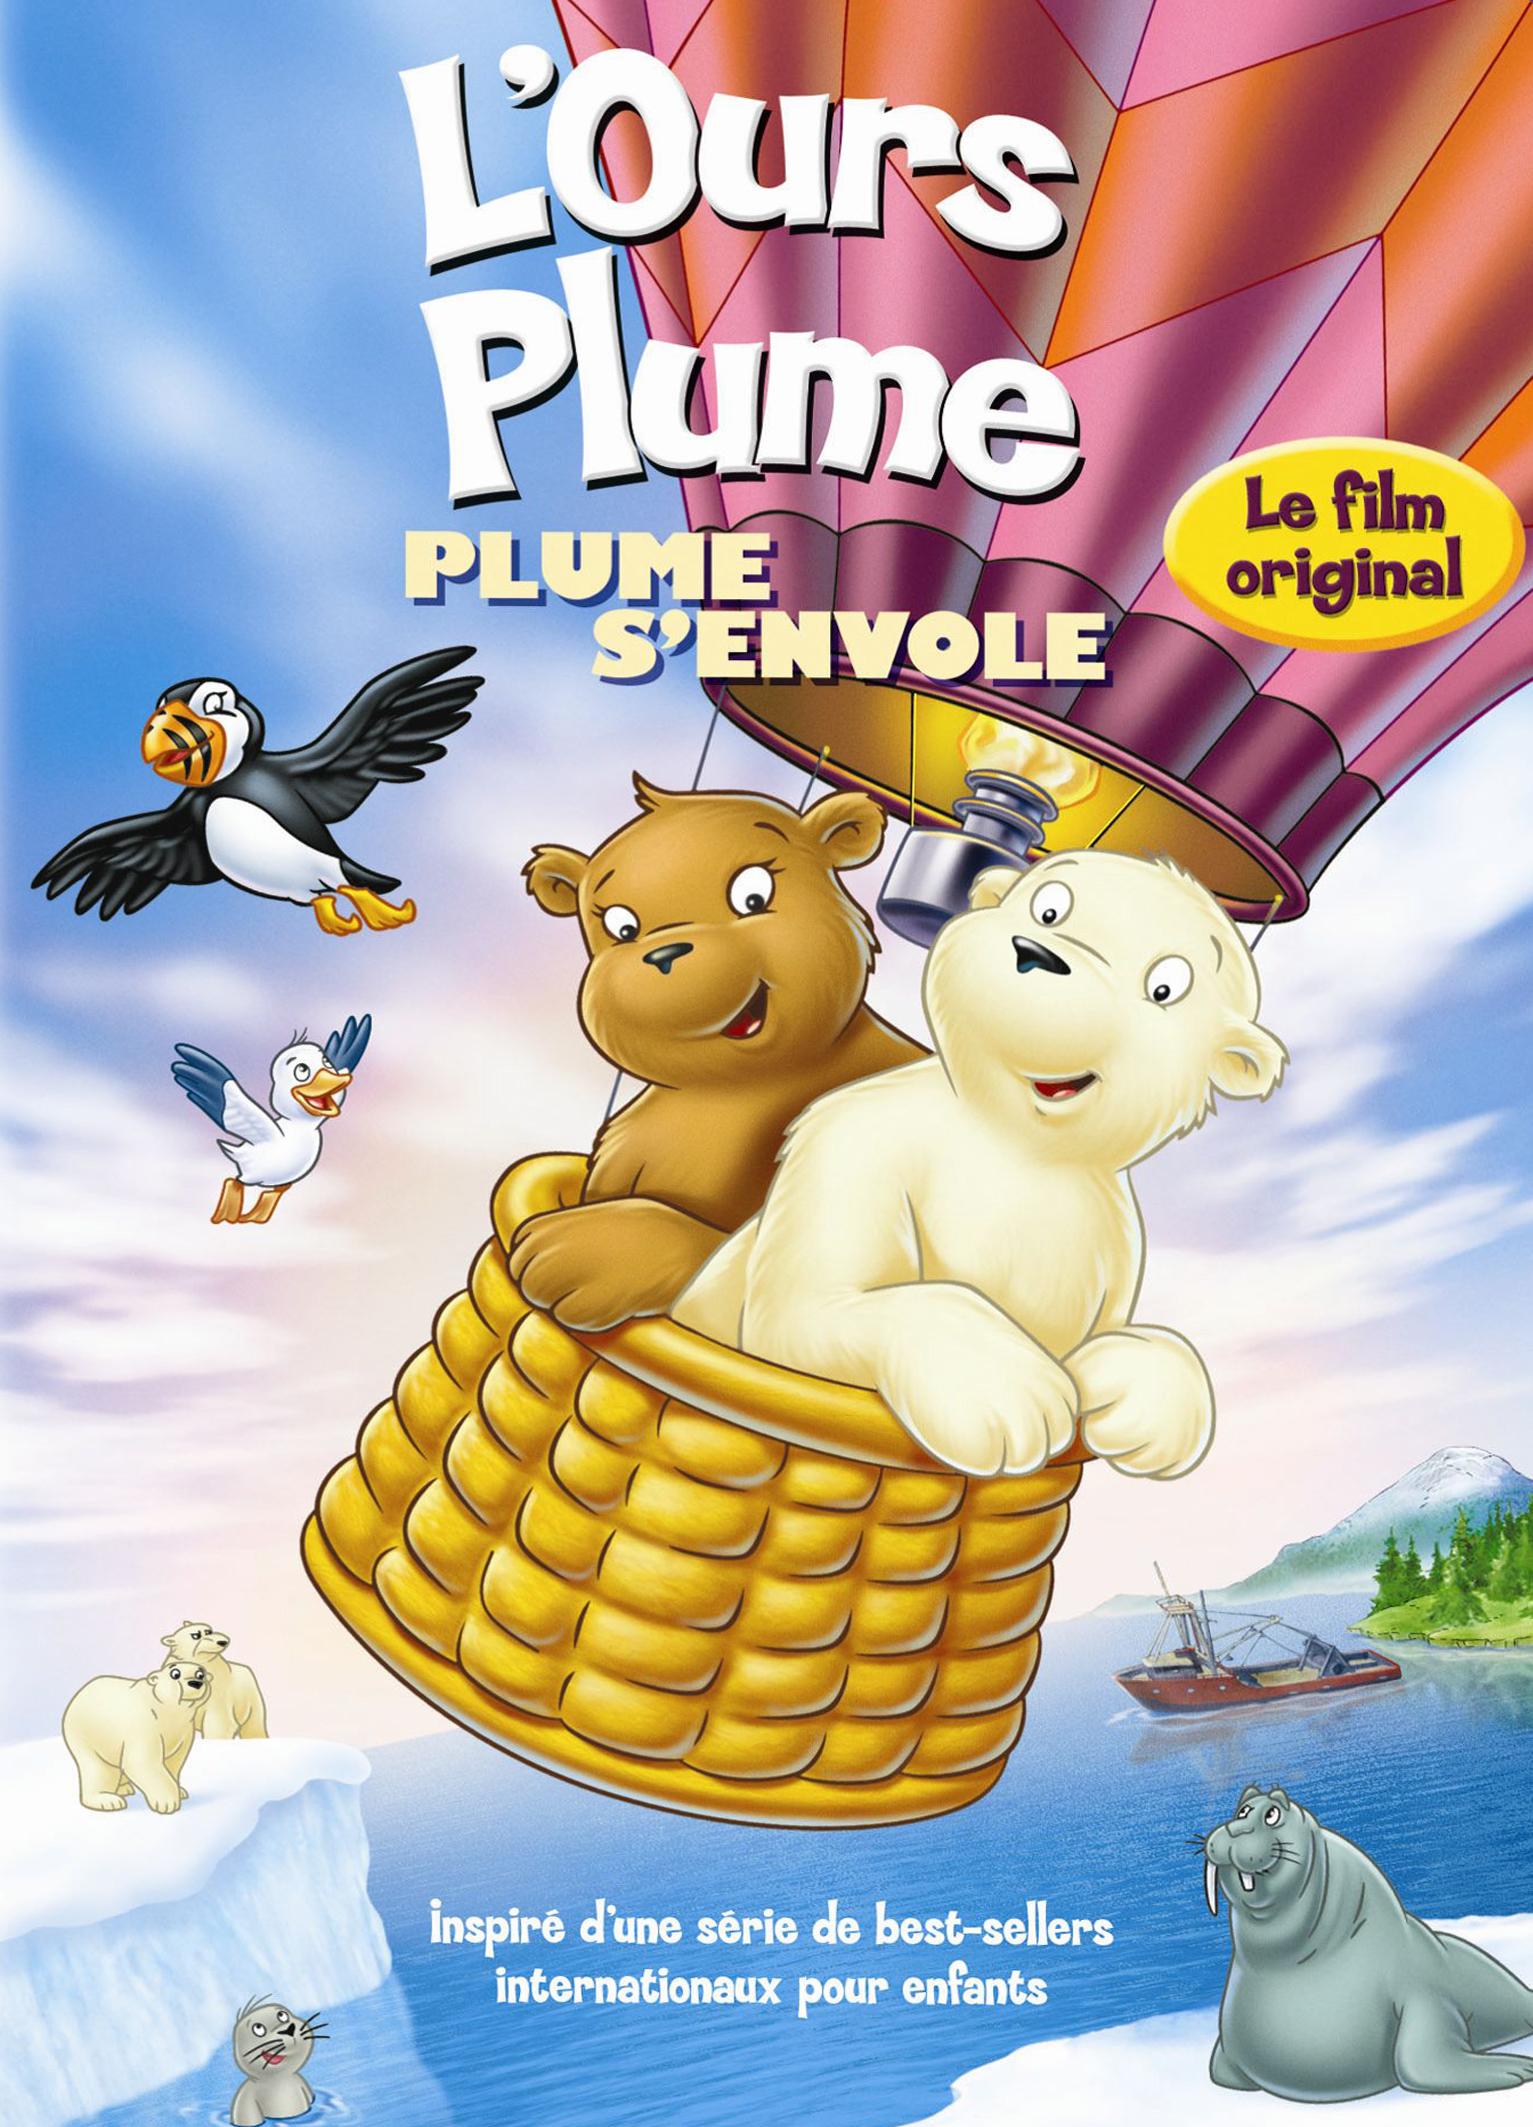 Little Polar Bear: The Dream of Flying